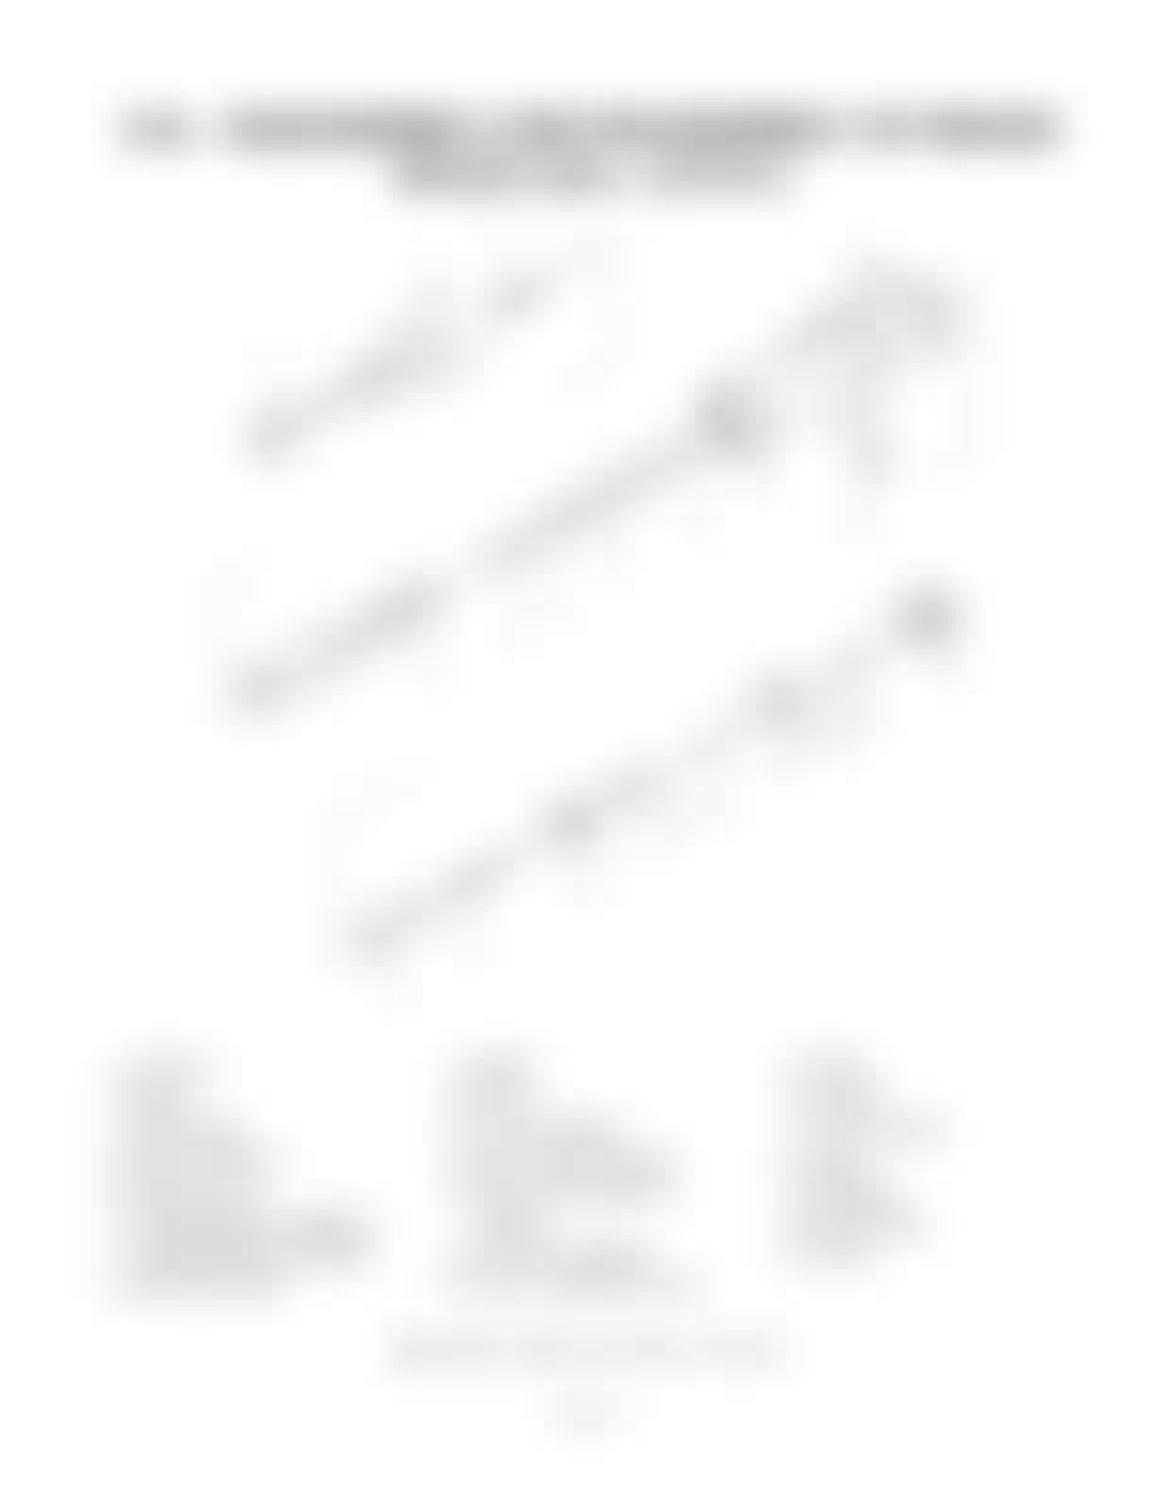 Hitachi LX110-7 LX130-7 LX160-7 LX190-7 LX230-7 Wheel Loader Workshop Manual - PDF DOWNLOAD page 259